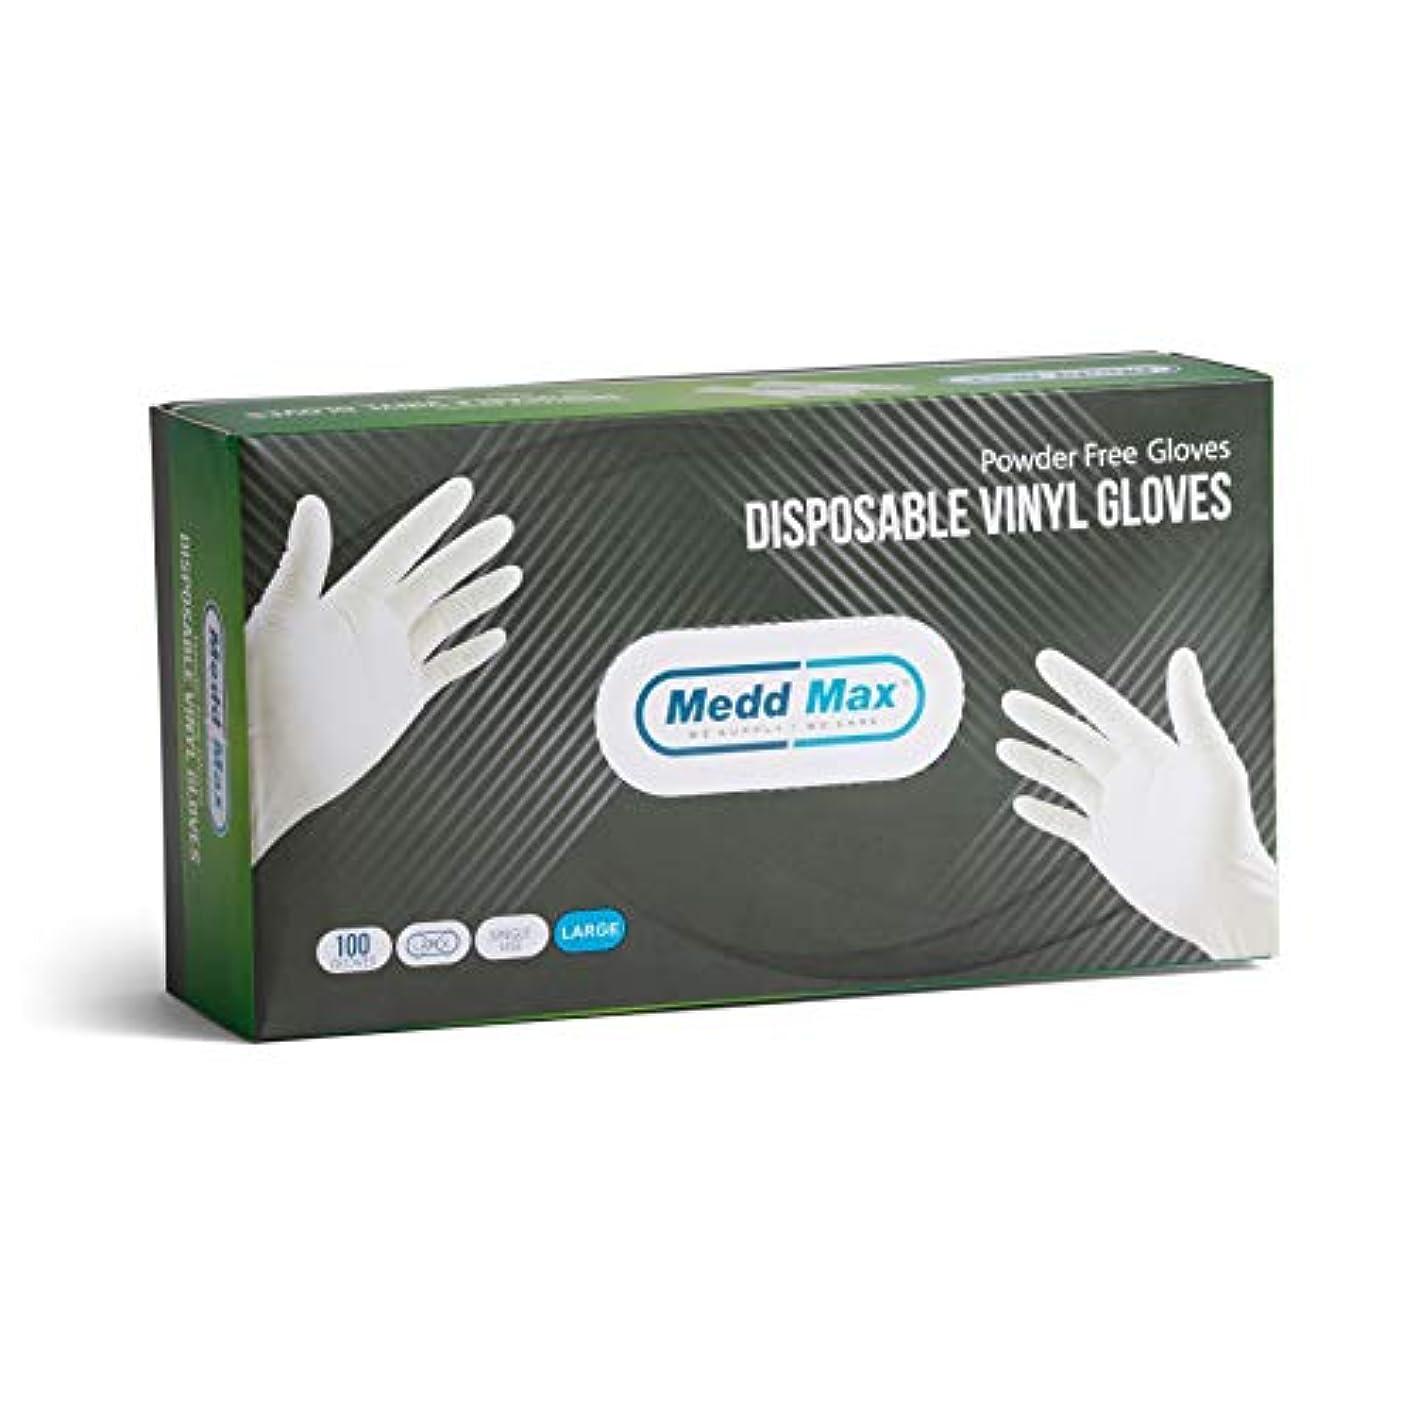 感謝劣る個人的なMedd Max 使い捨て ビニール手袋 パウダー フリーサイズ ラージ 試験グレード 手袋